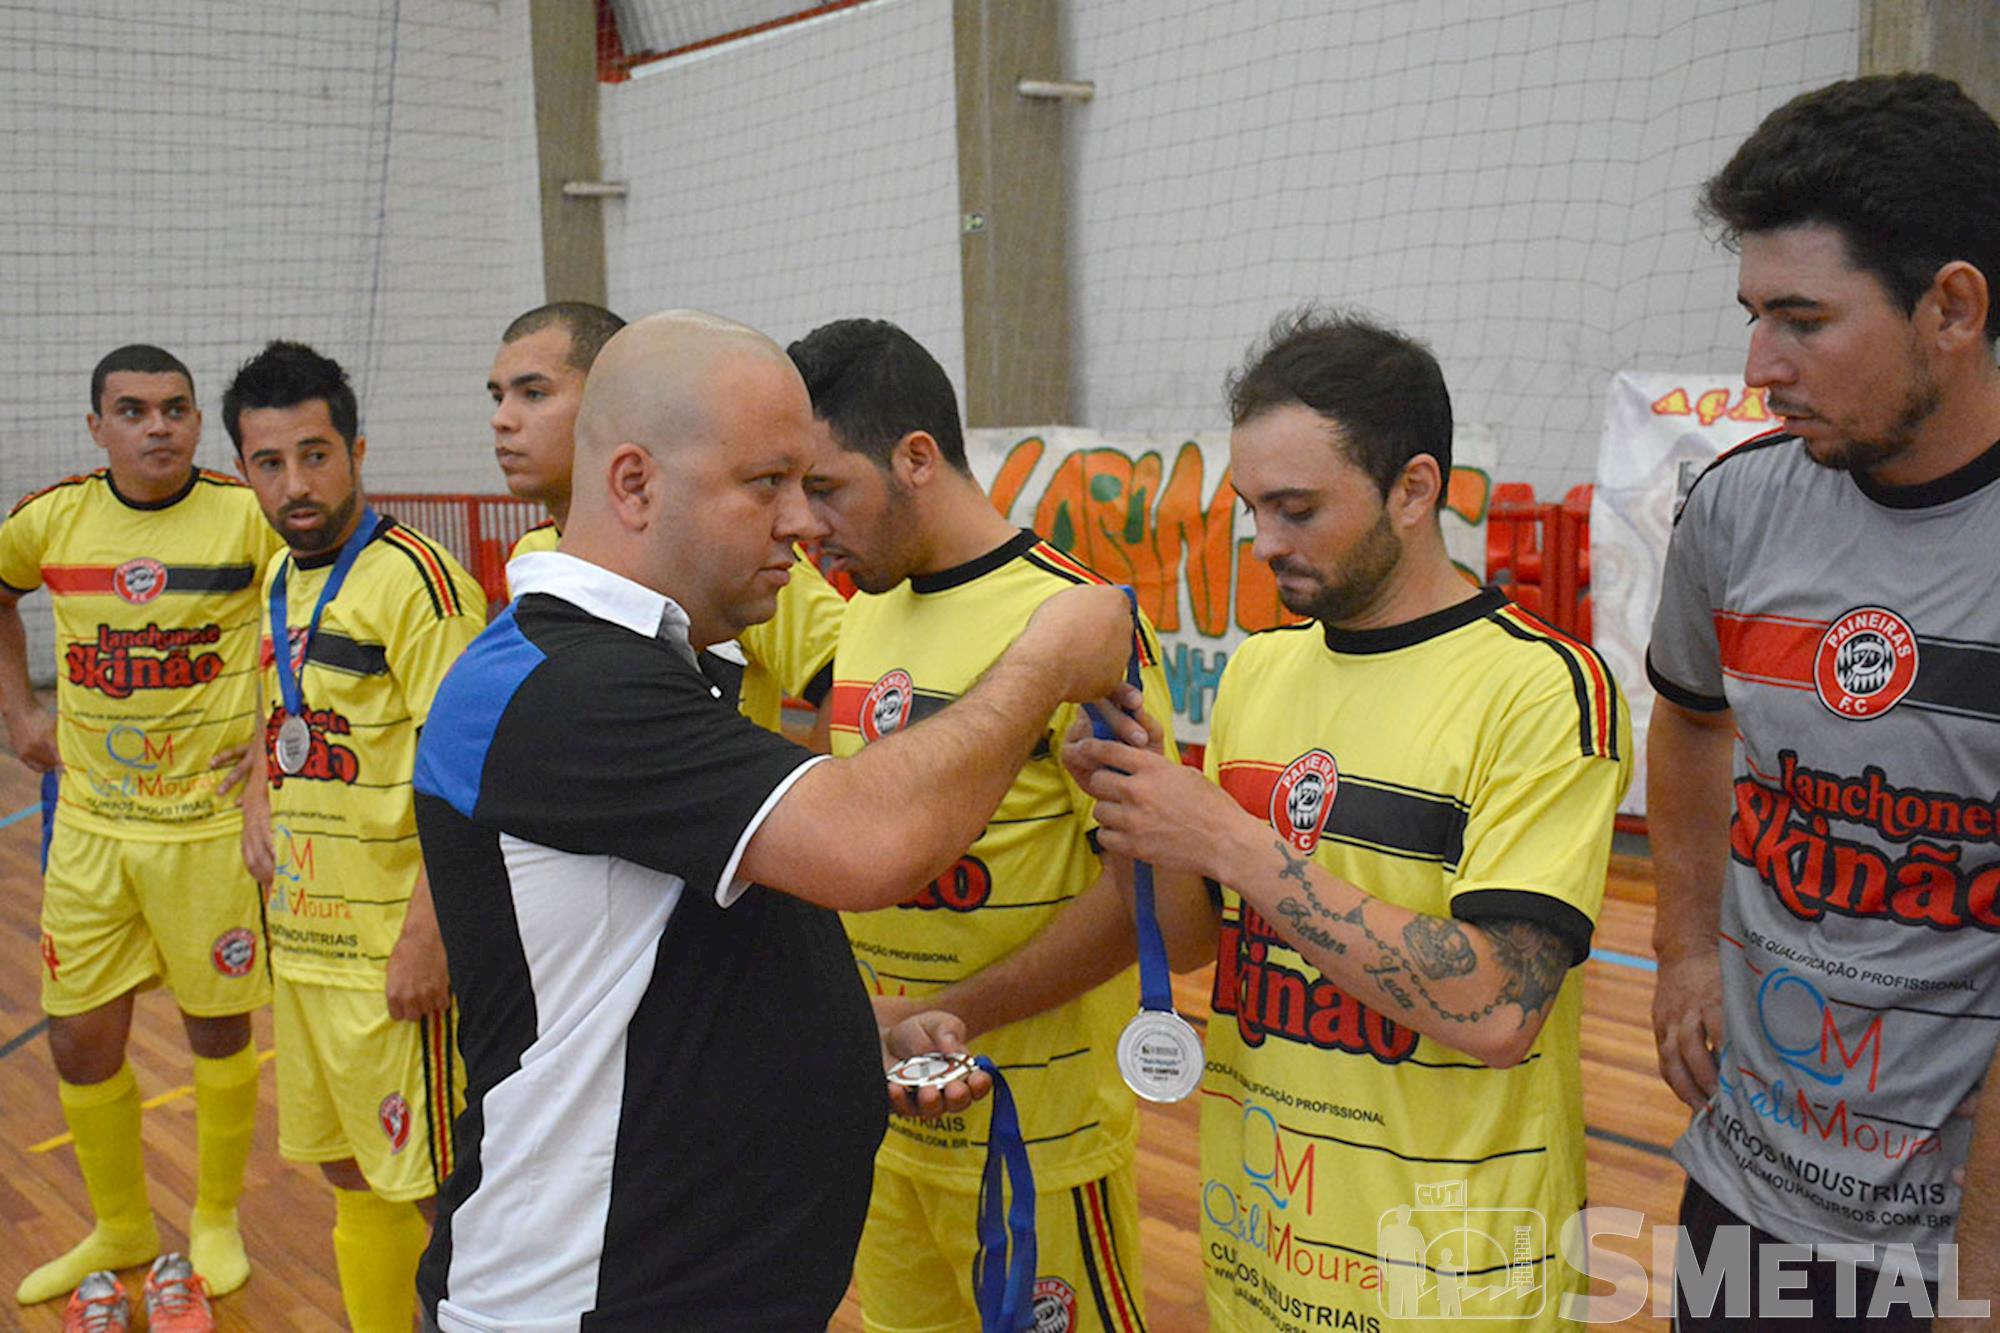 Entrega de medalhas à equipe Lanchonete Skinão, vice-campeã da 12ª Taça Papagaio de Futsal, ,